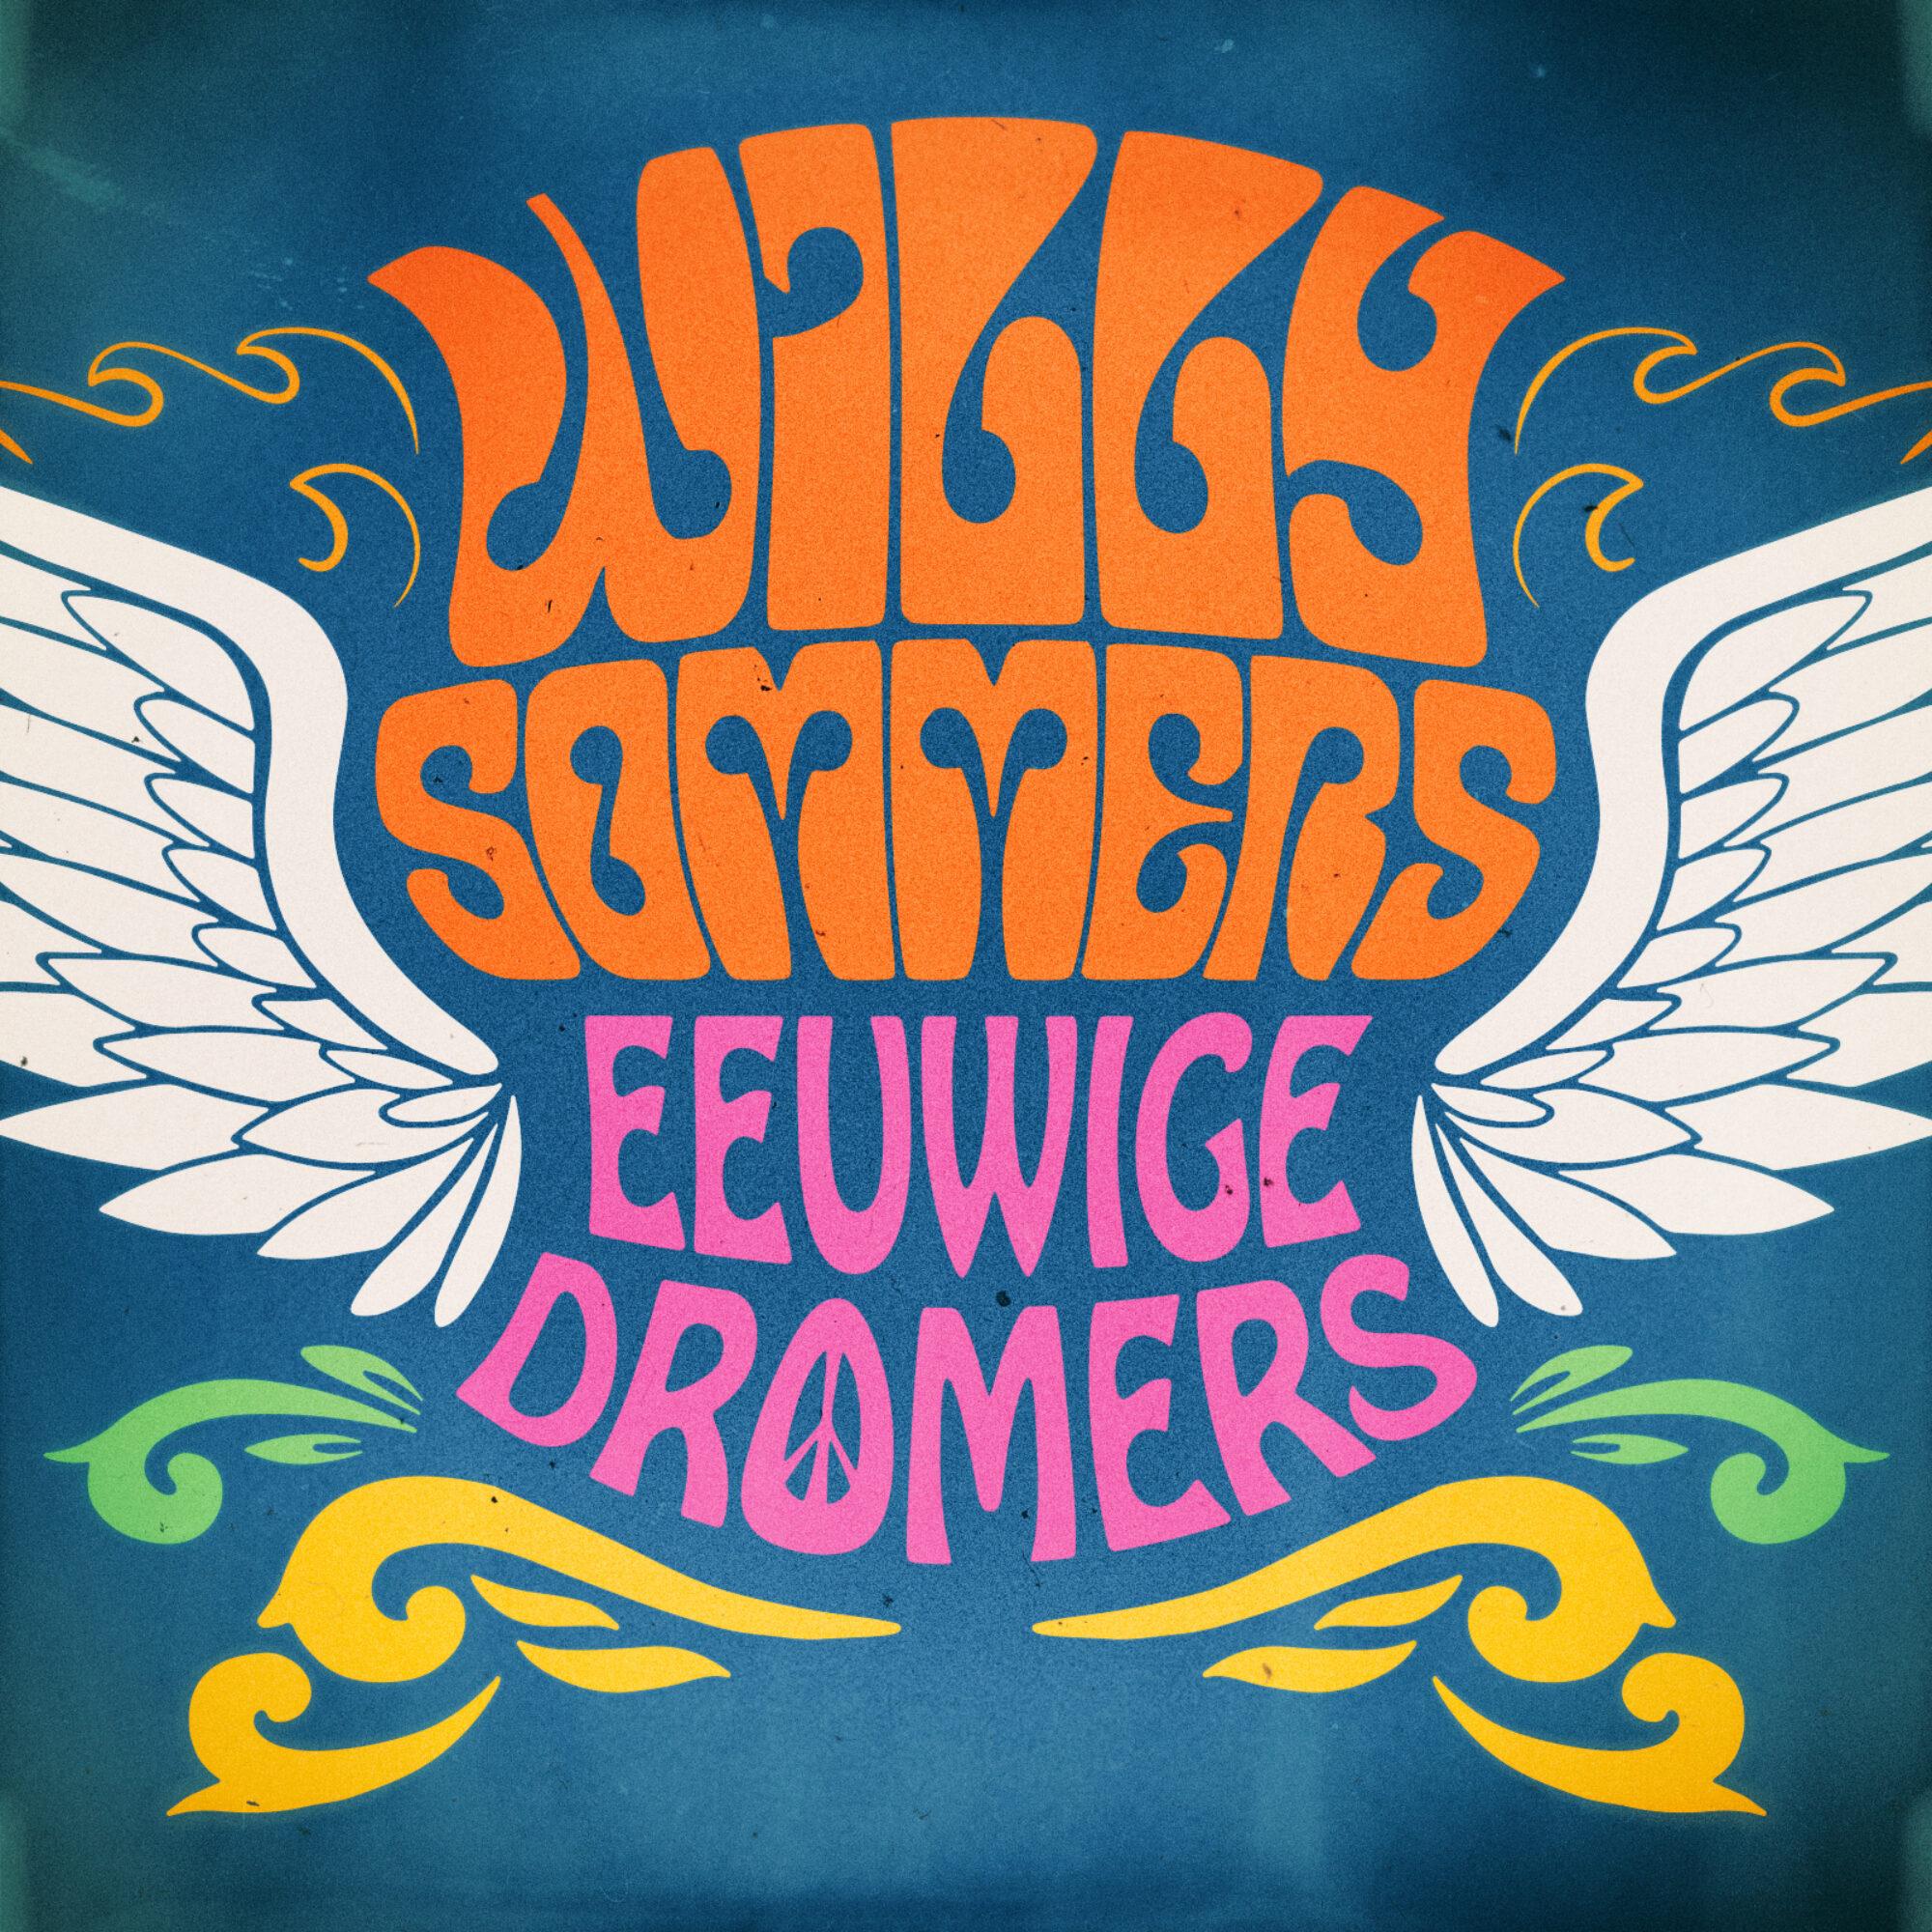 Ws Eeuwige Dromers Co